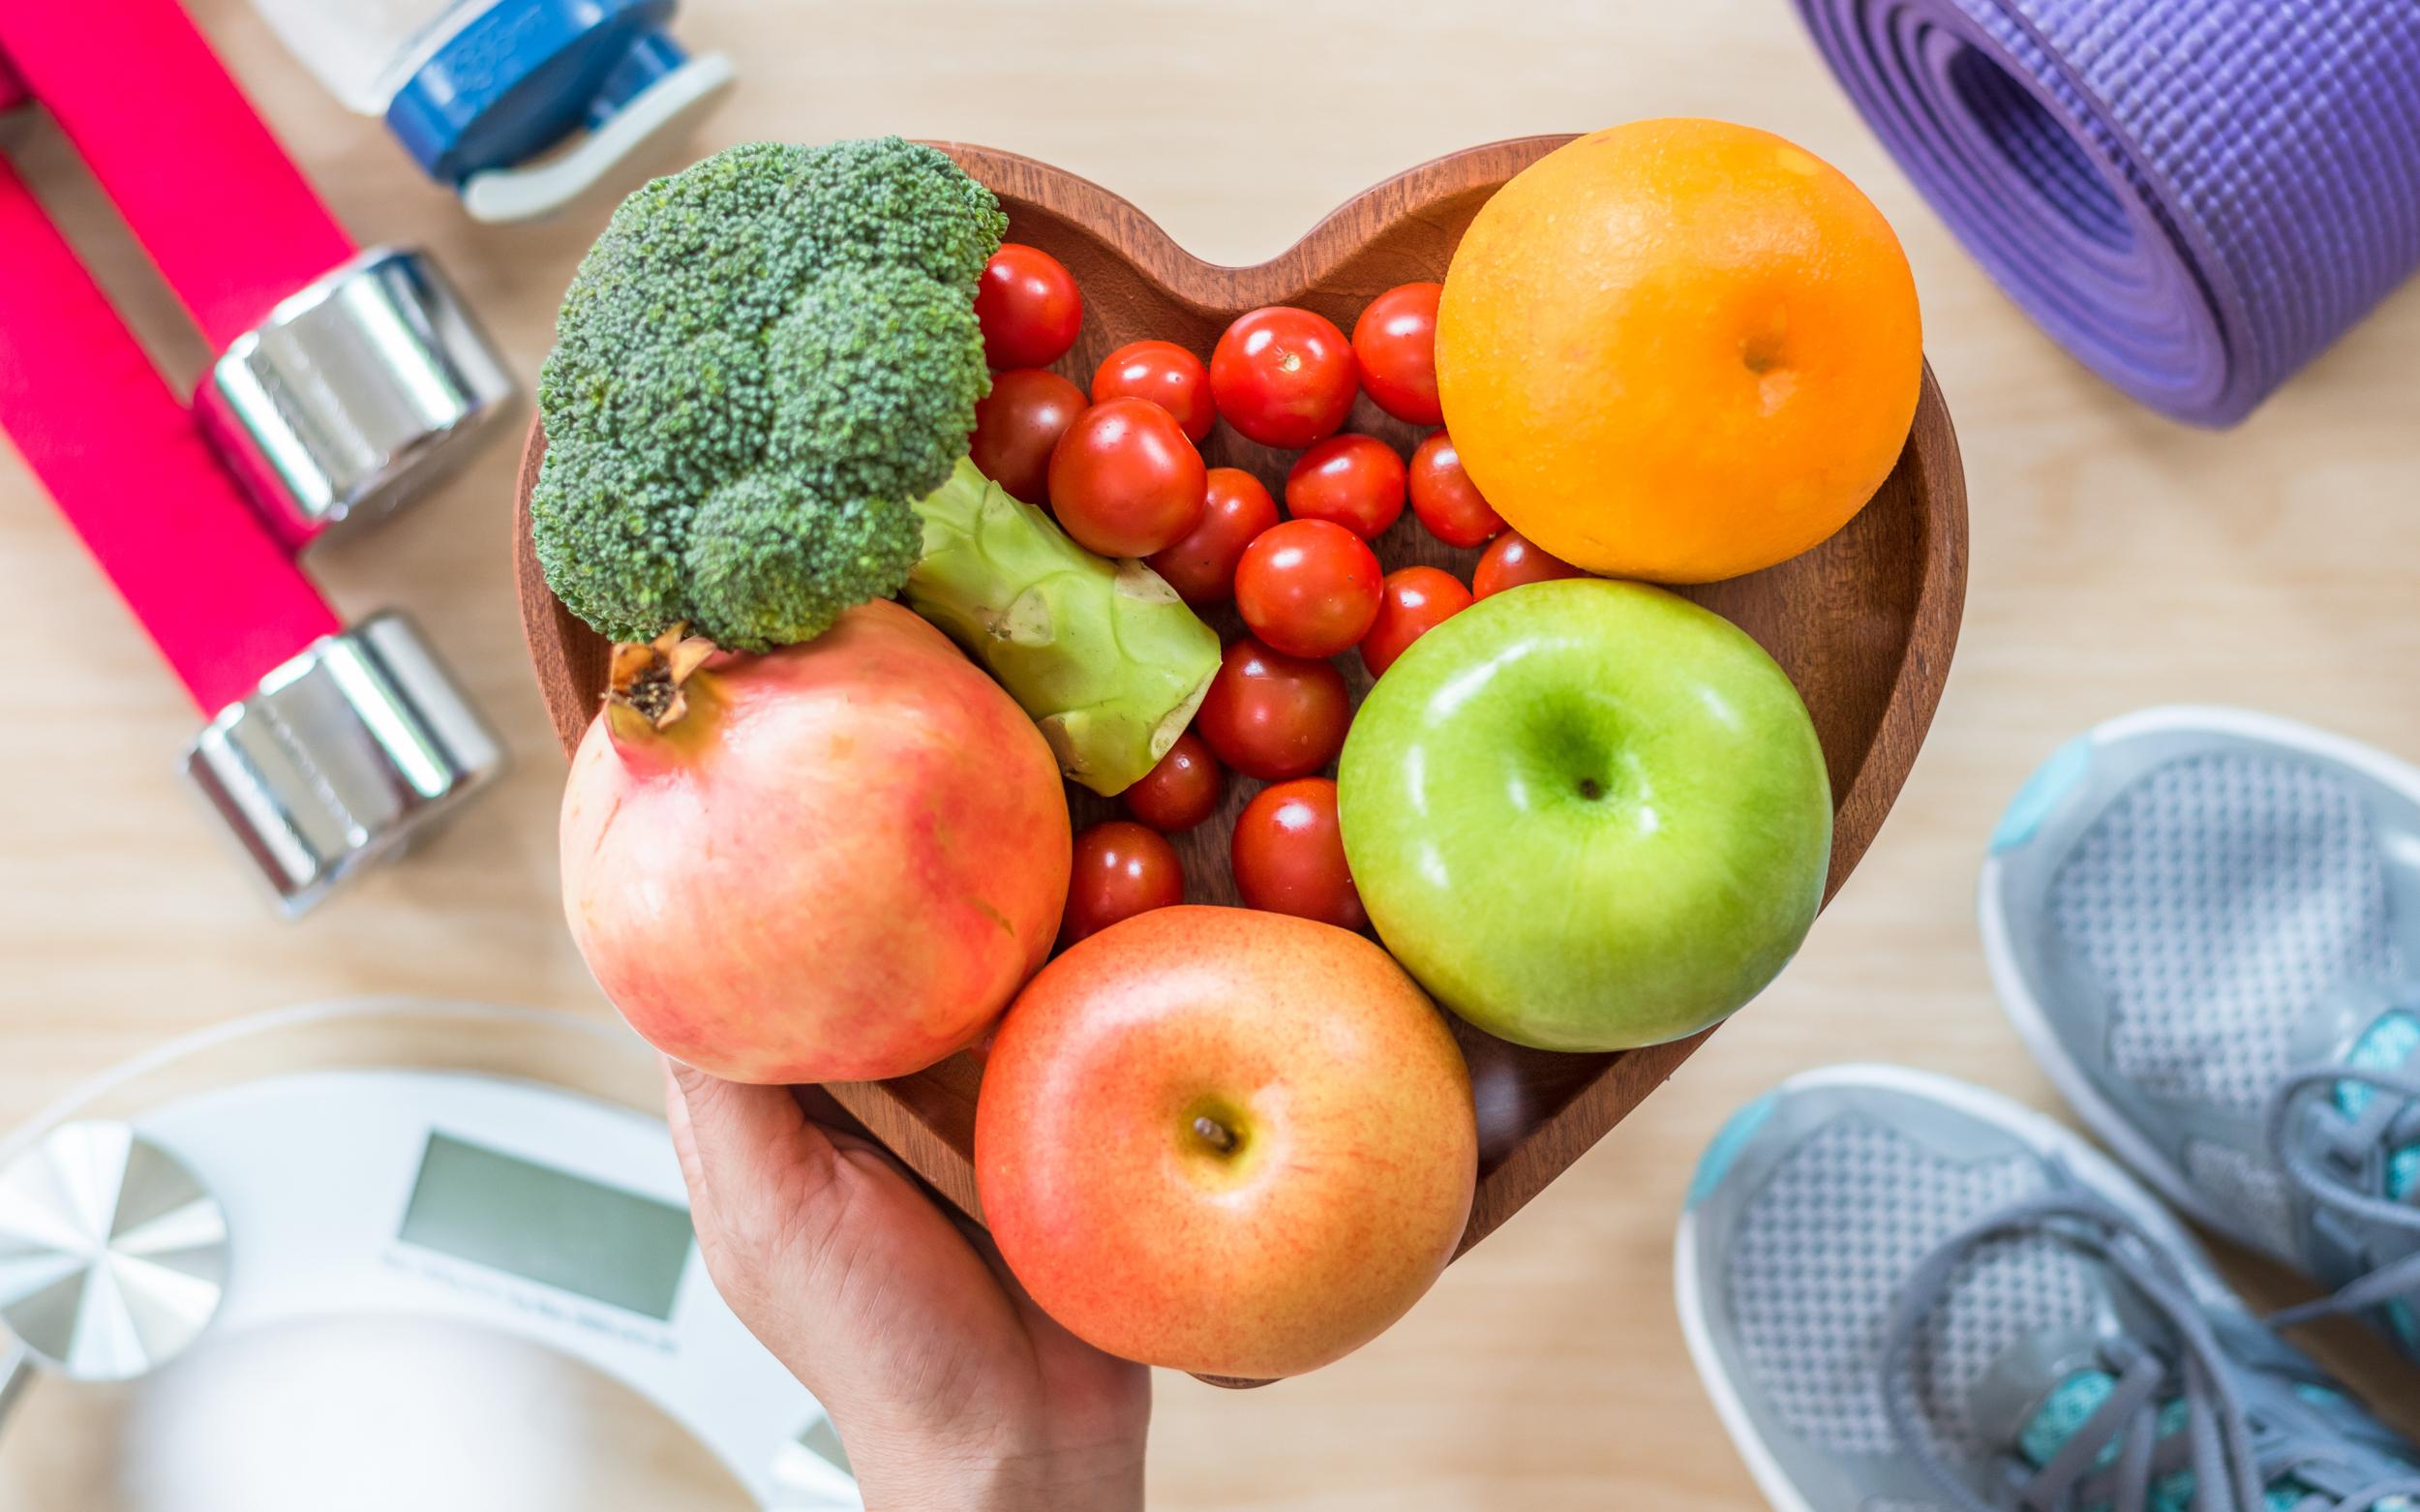 Heart Health Essentials